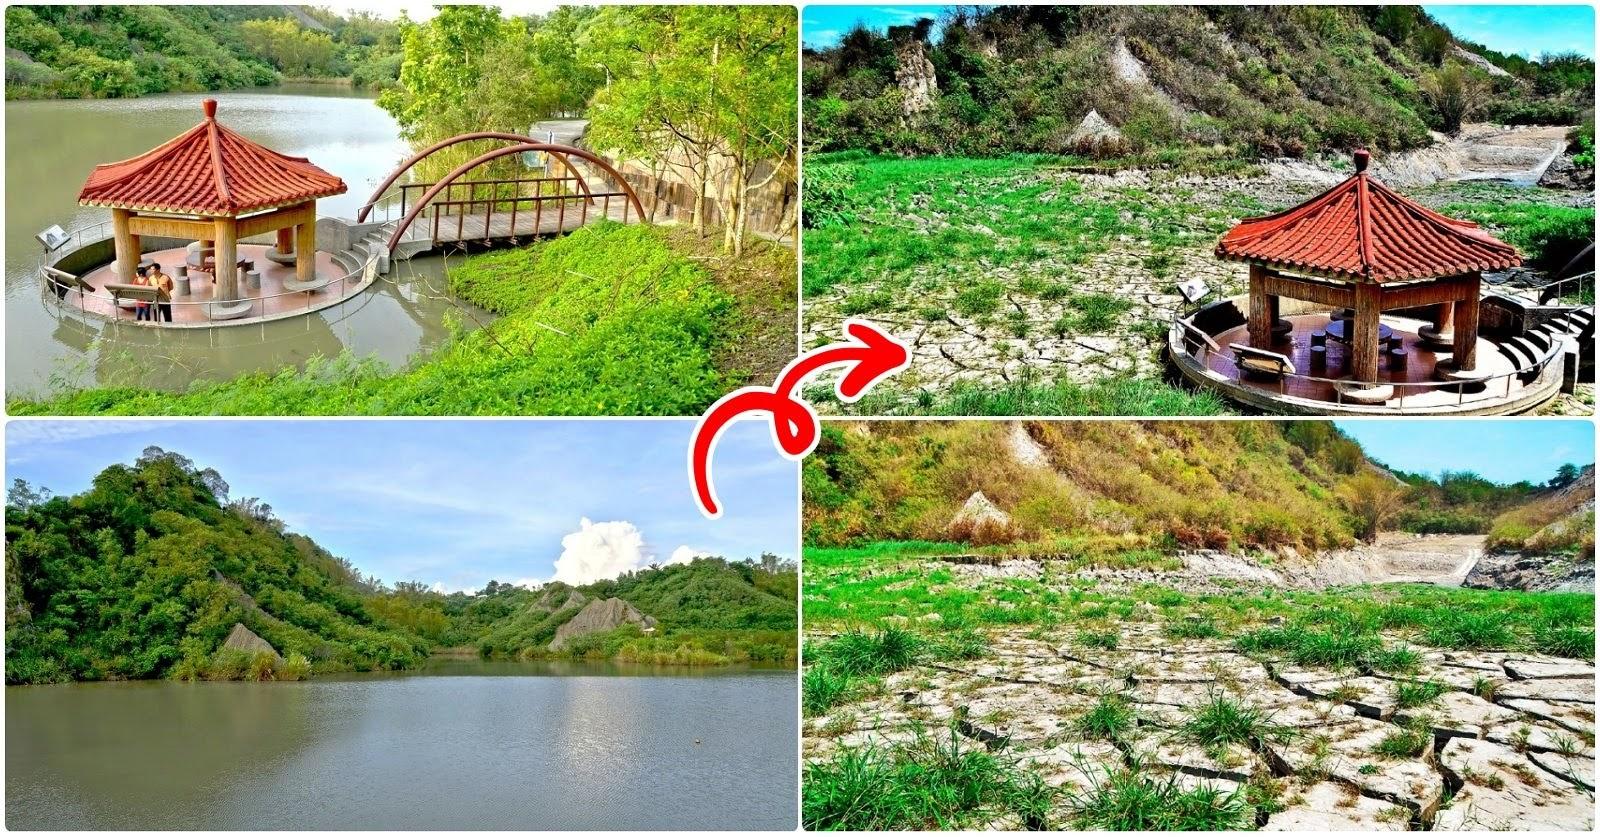 為重現「夢幻湖」美景|牛埔農塘清淤放流一片乾涸|暫時不見夢幻景色